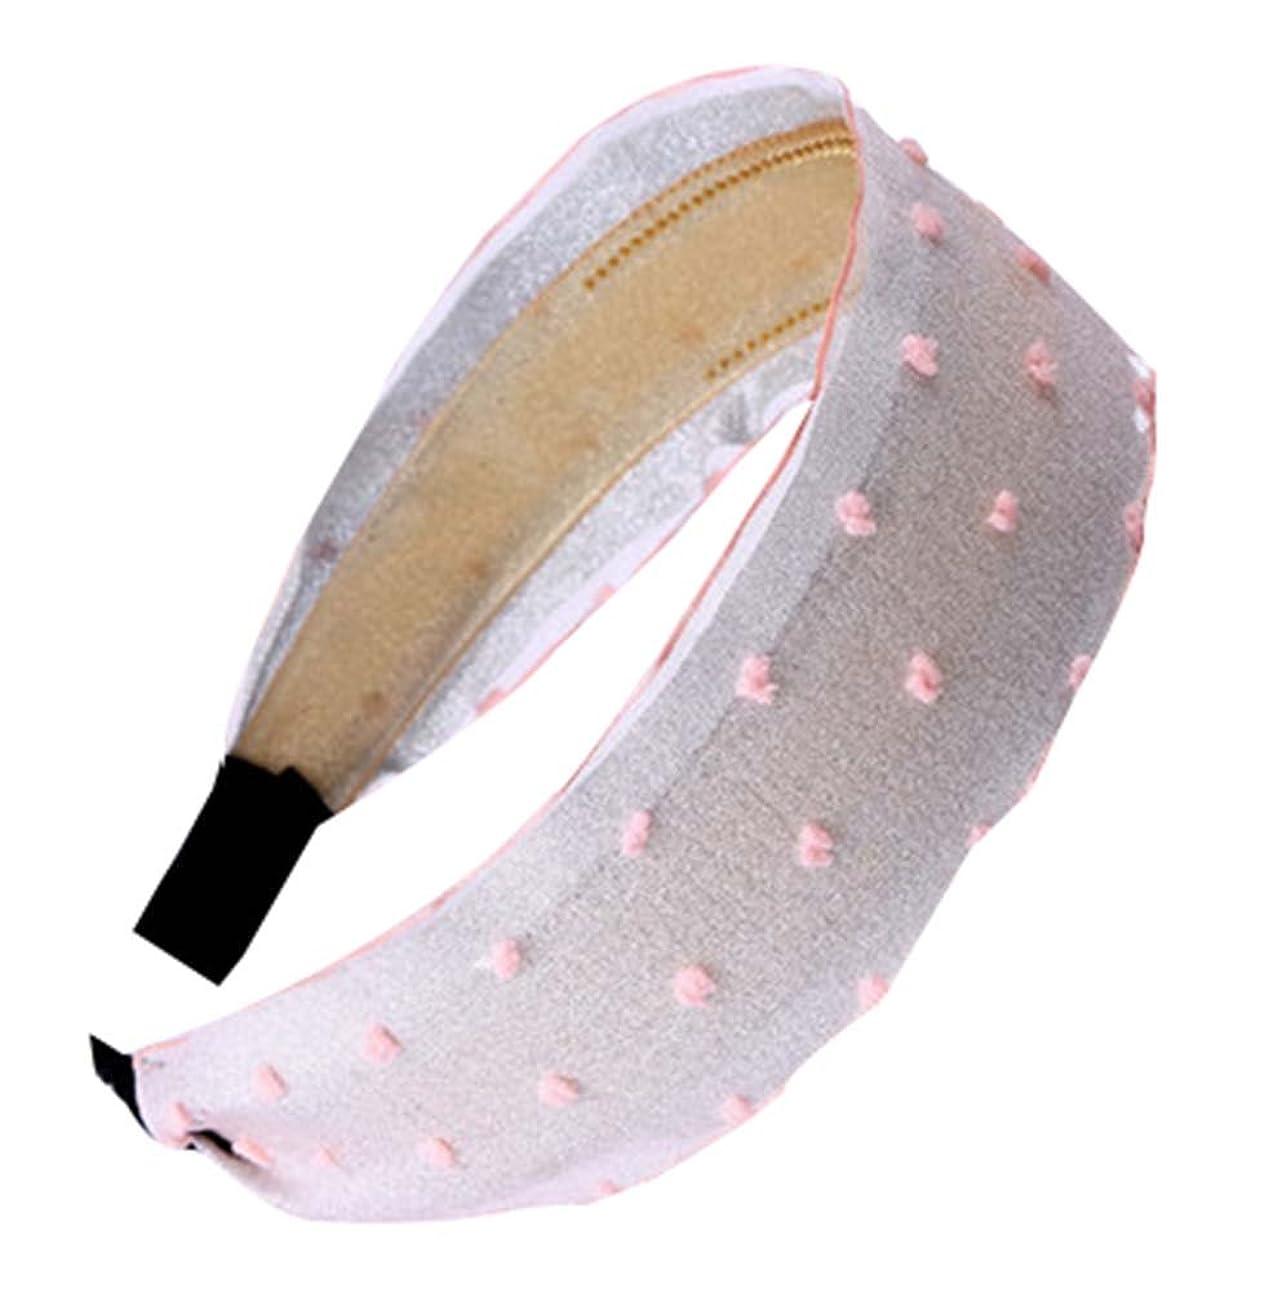 輸血ダニ遮るレースワイドエッジヘアフープヘッドバンドエレガントなヘアフープヘアアクセサリー